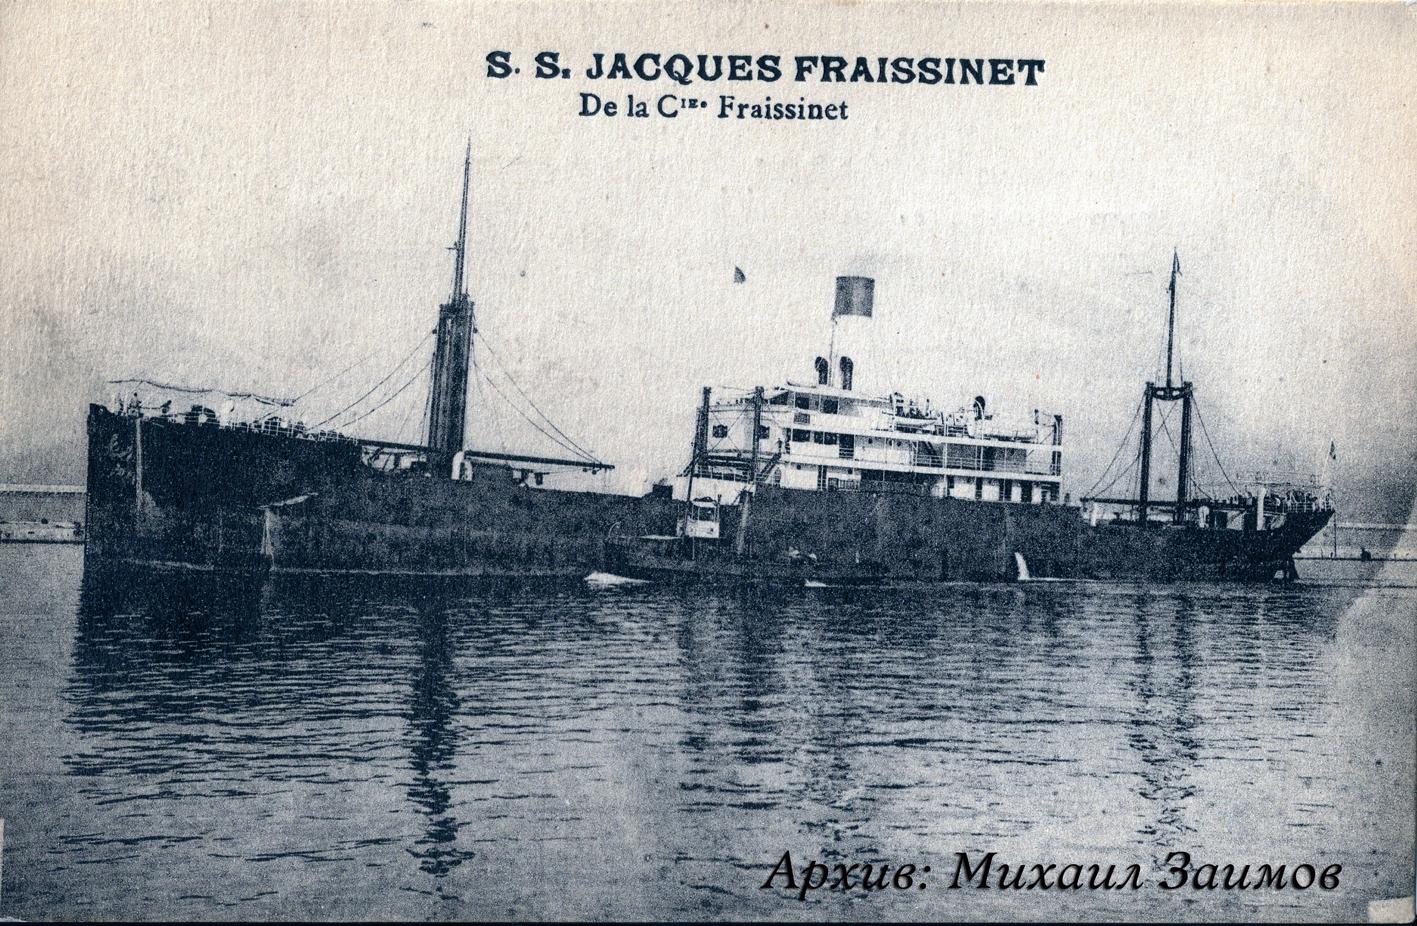 jacques fraissenet3MZ(1)